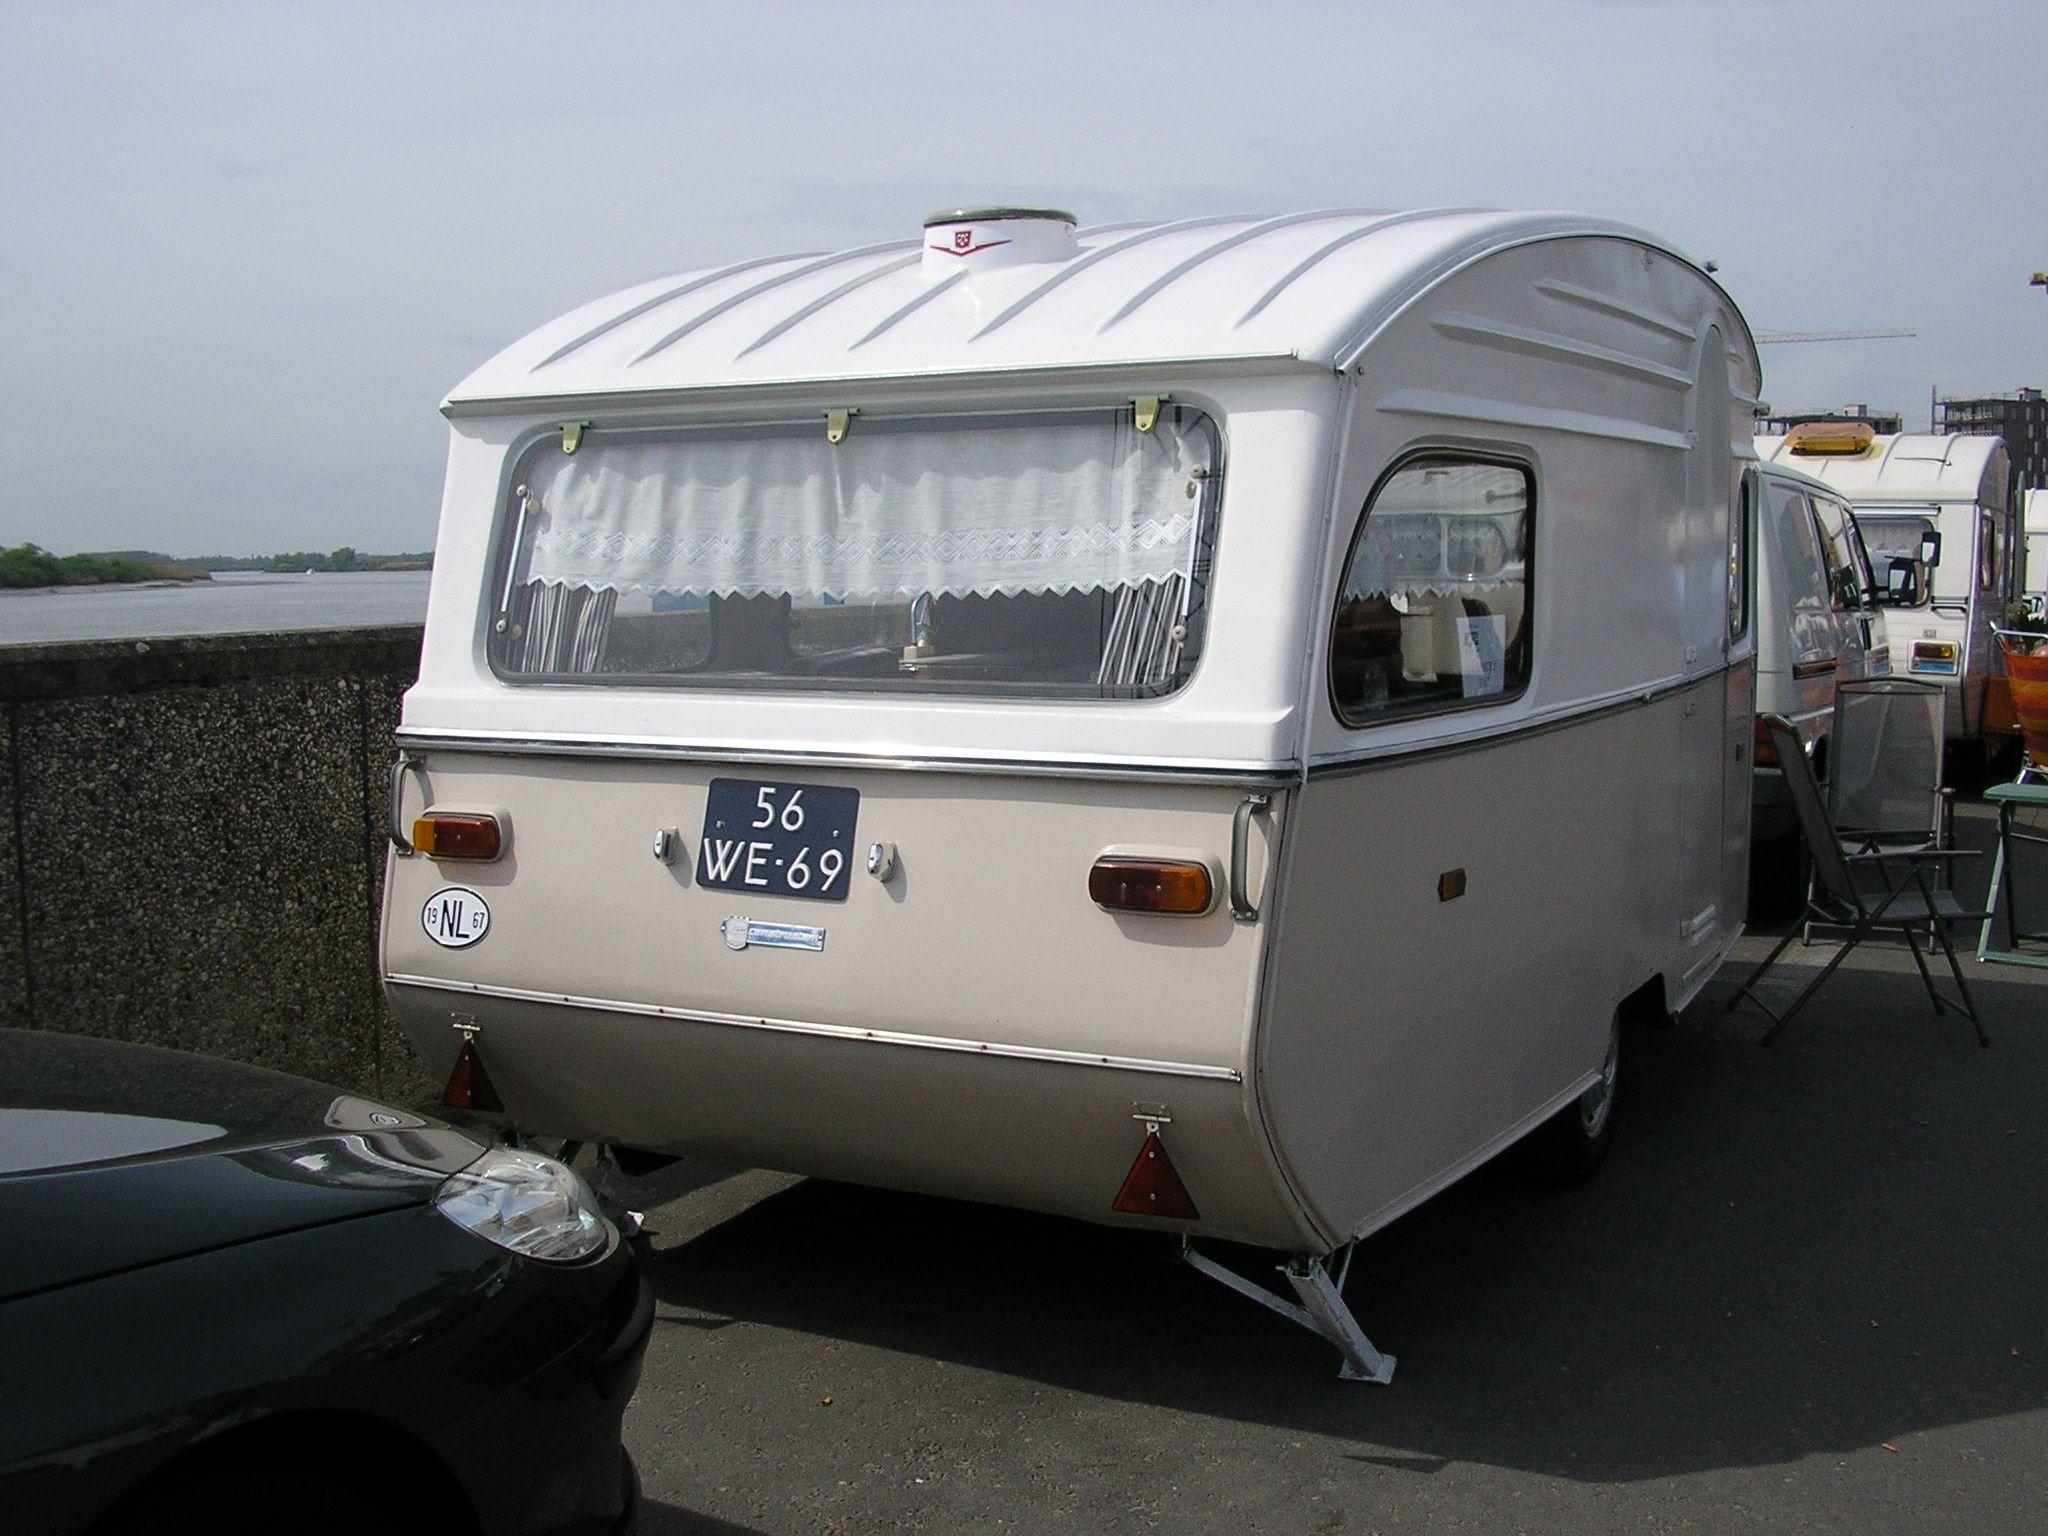 Paul Morrish Adli Kullanicinin Contructam Caravan S Panosundaki Pin